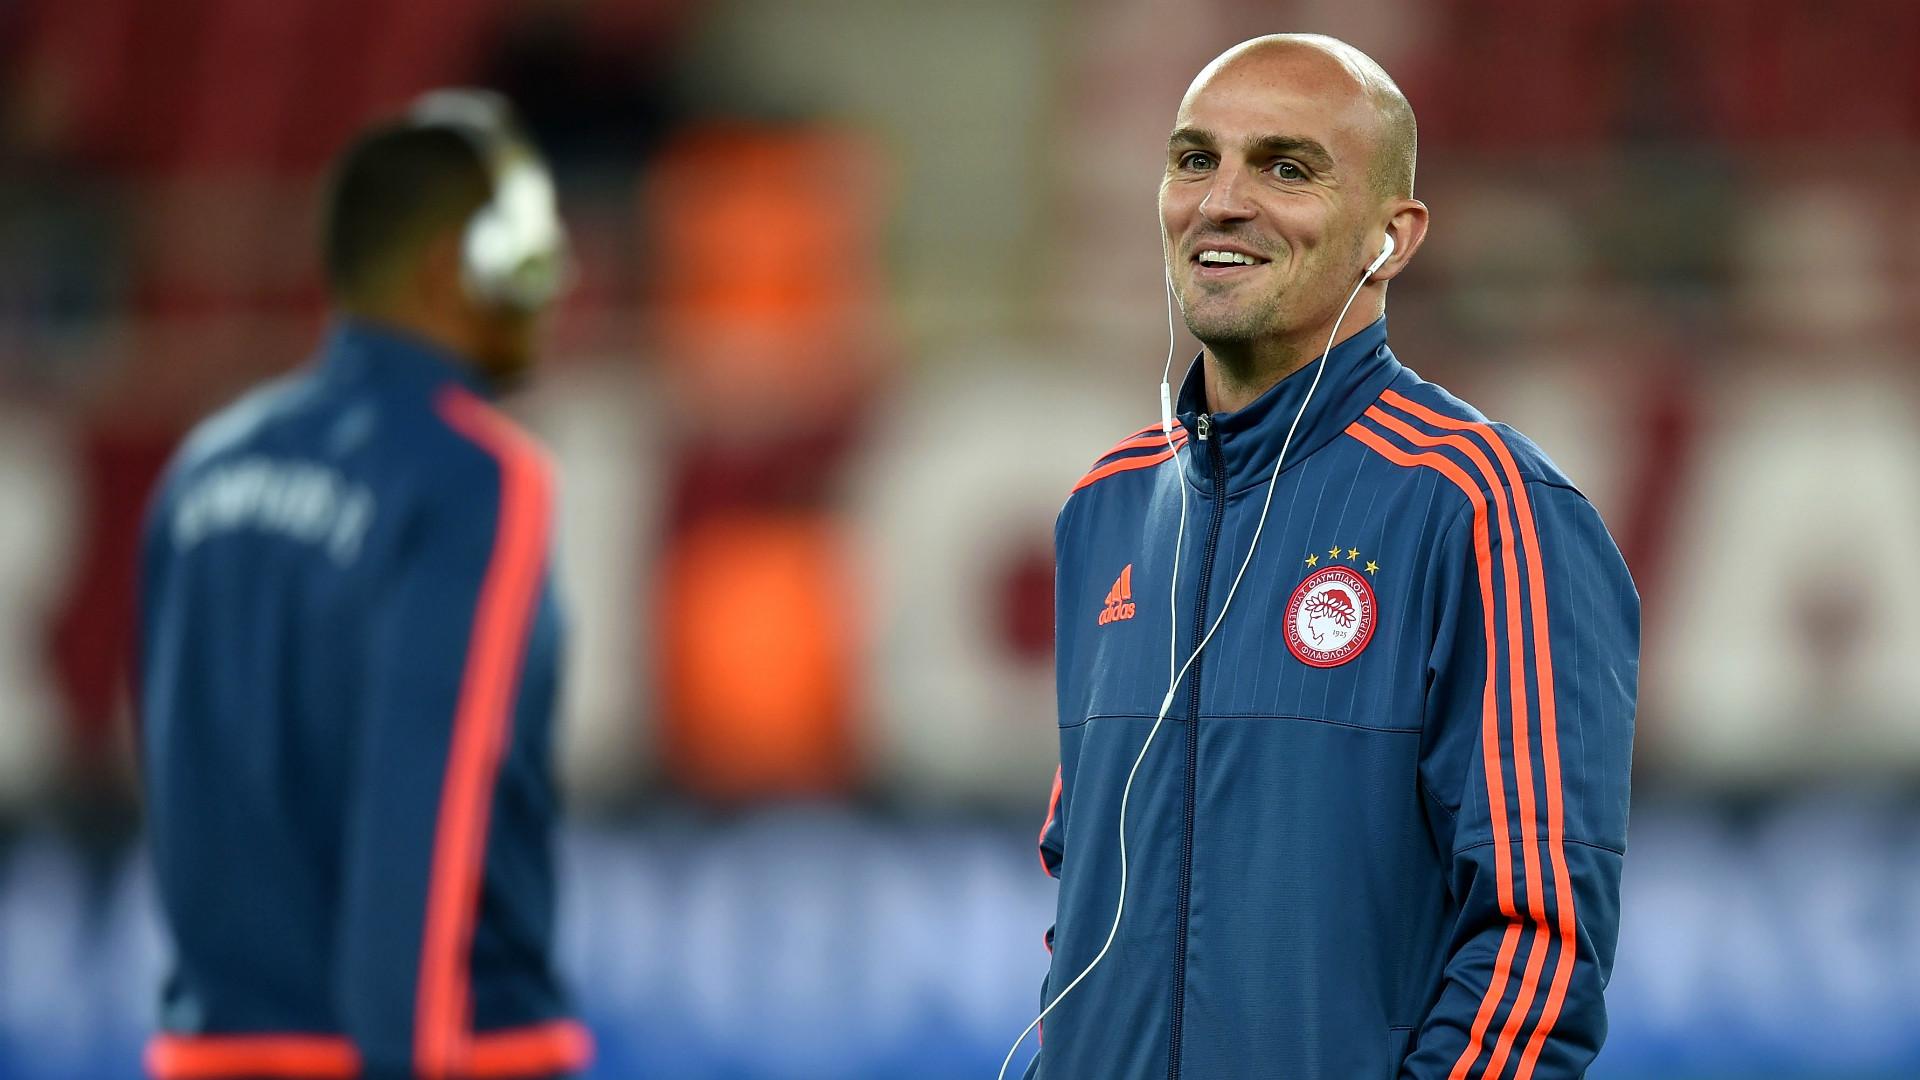 Nuovi allenatori professionisti UEFA A: tra gli abilitati anche D'Agostino e Giorico